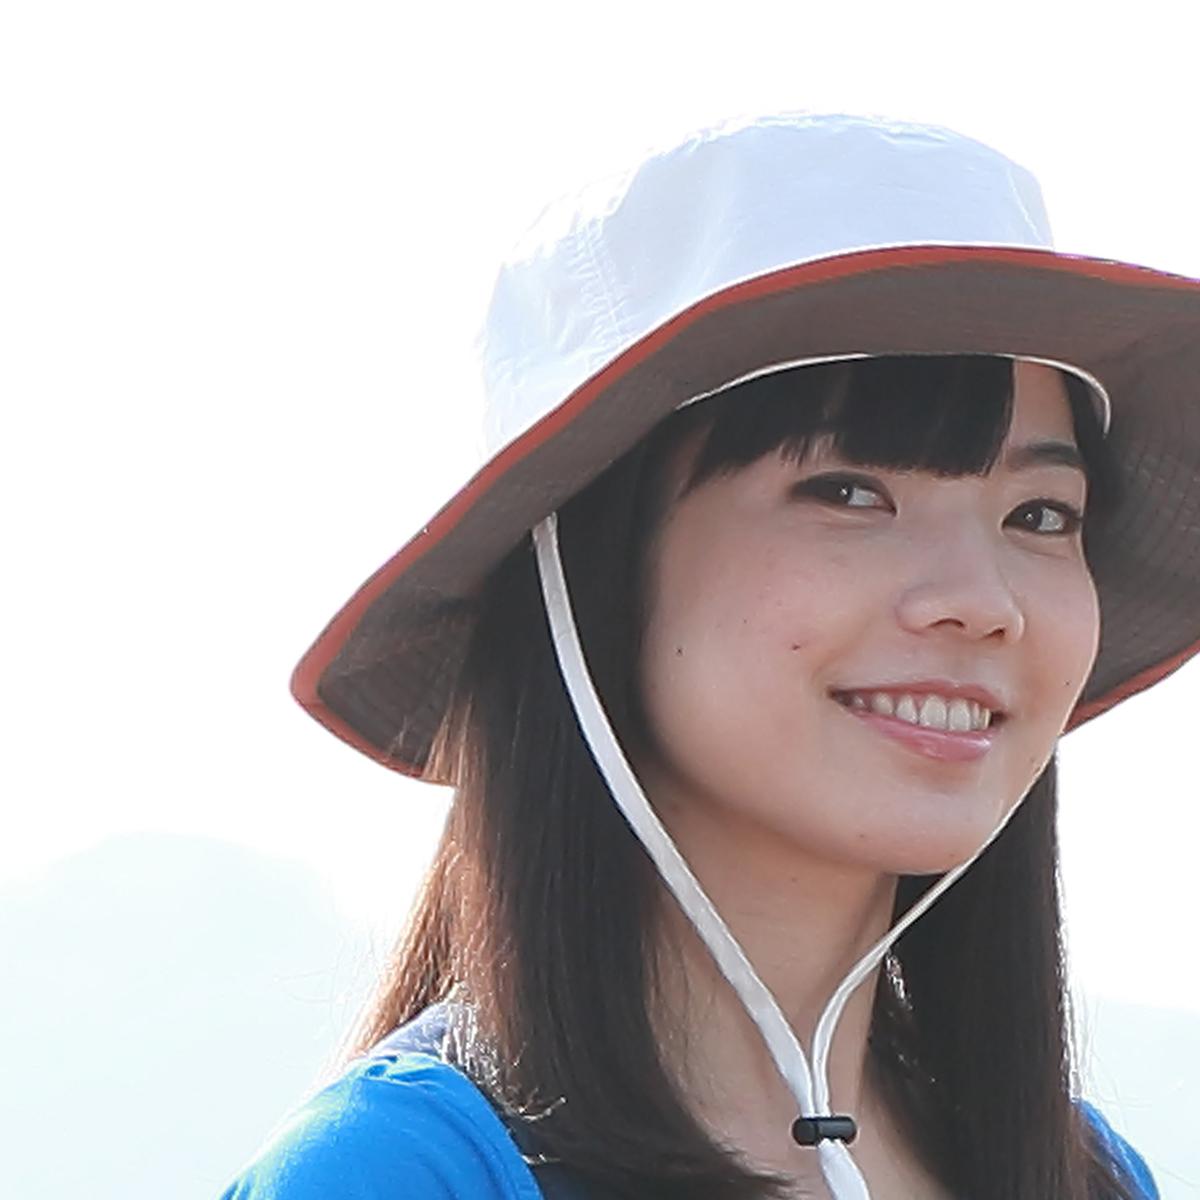 テフロンアドベンチャーハット2【全3色】